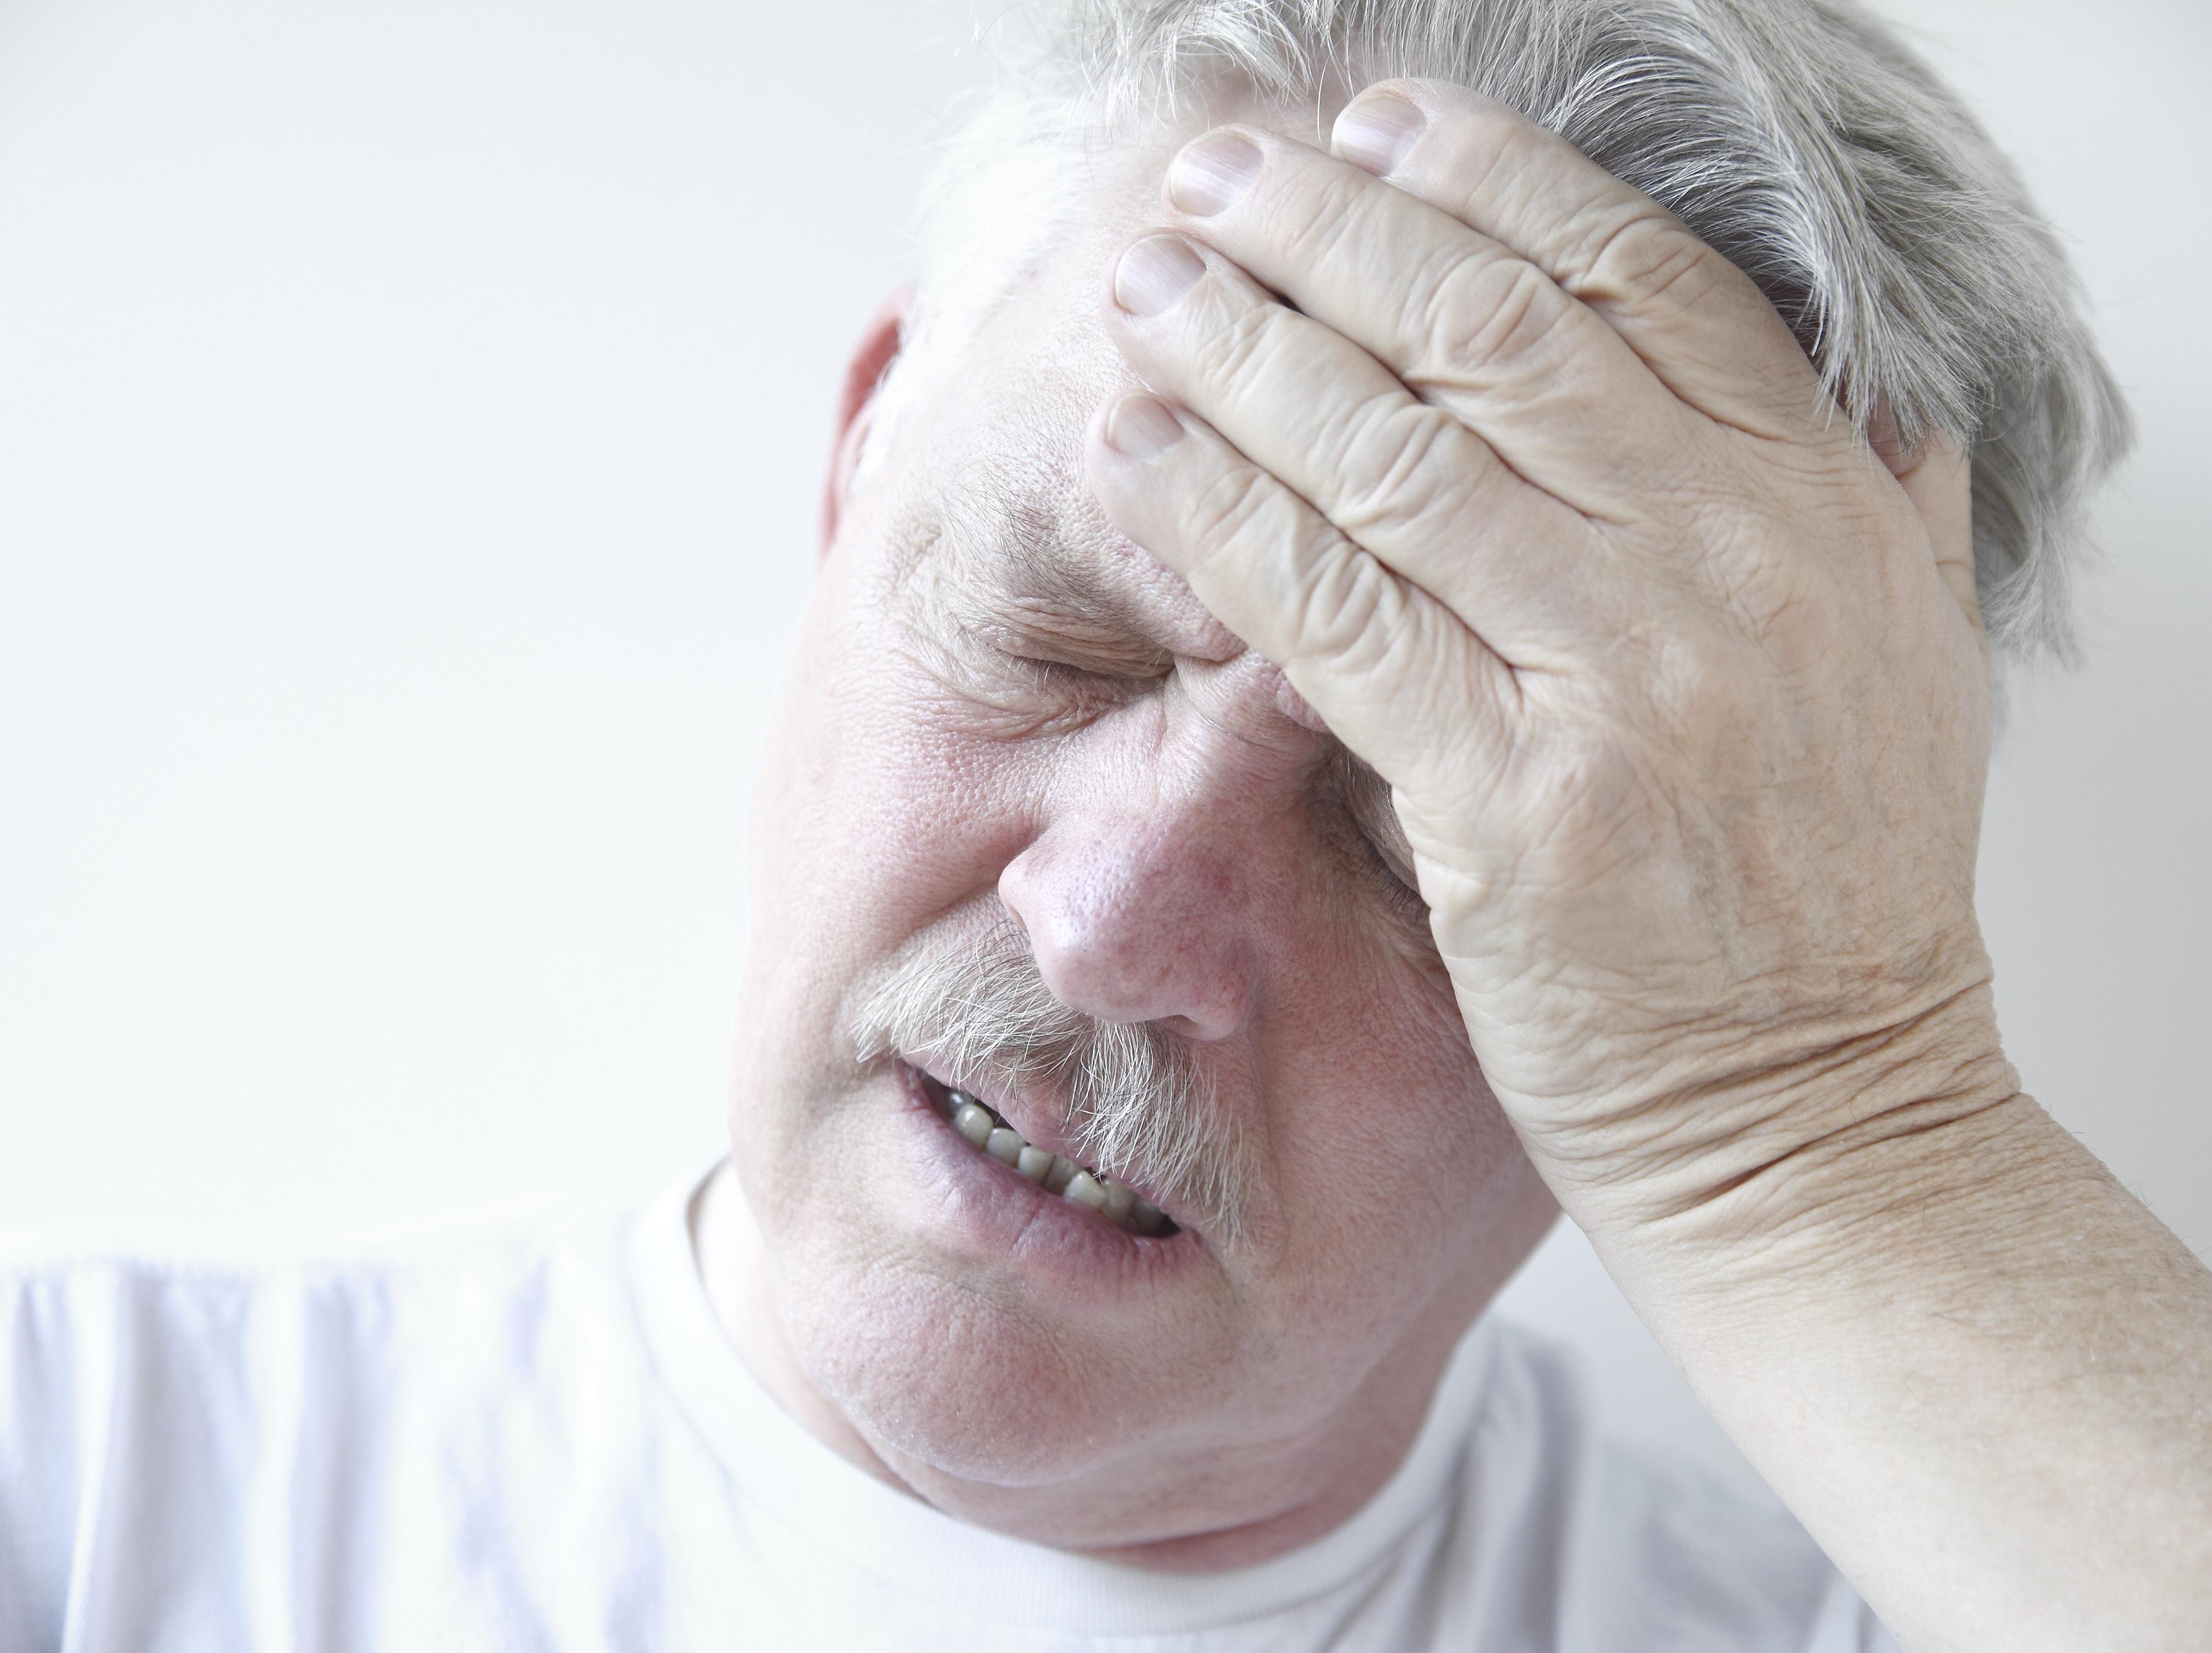 Ved lavt blodsukker, kalt føling, kan du føle deg svært uvel.